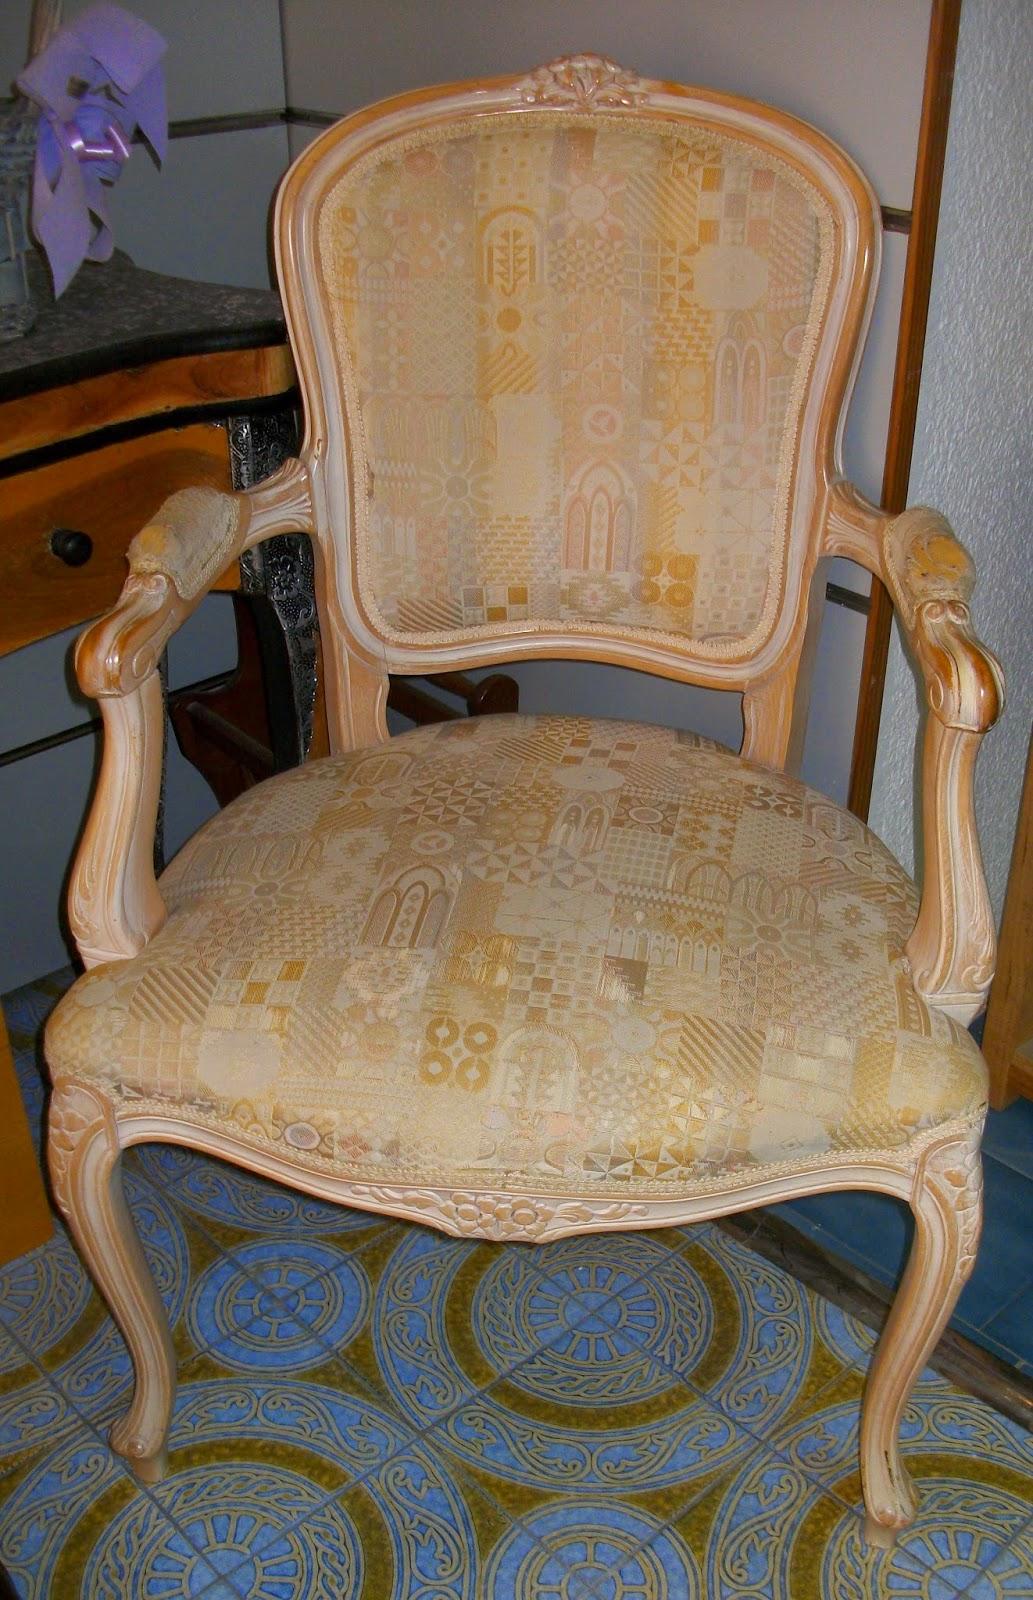 Fotos muebles luis xv modernos for Tapizados de sillas modernas